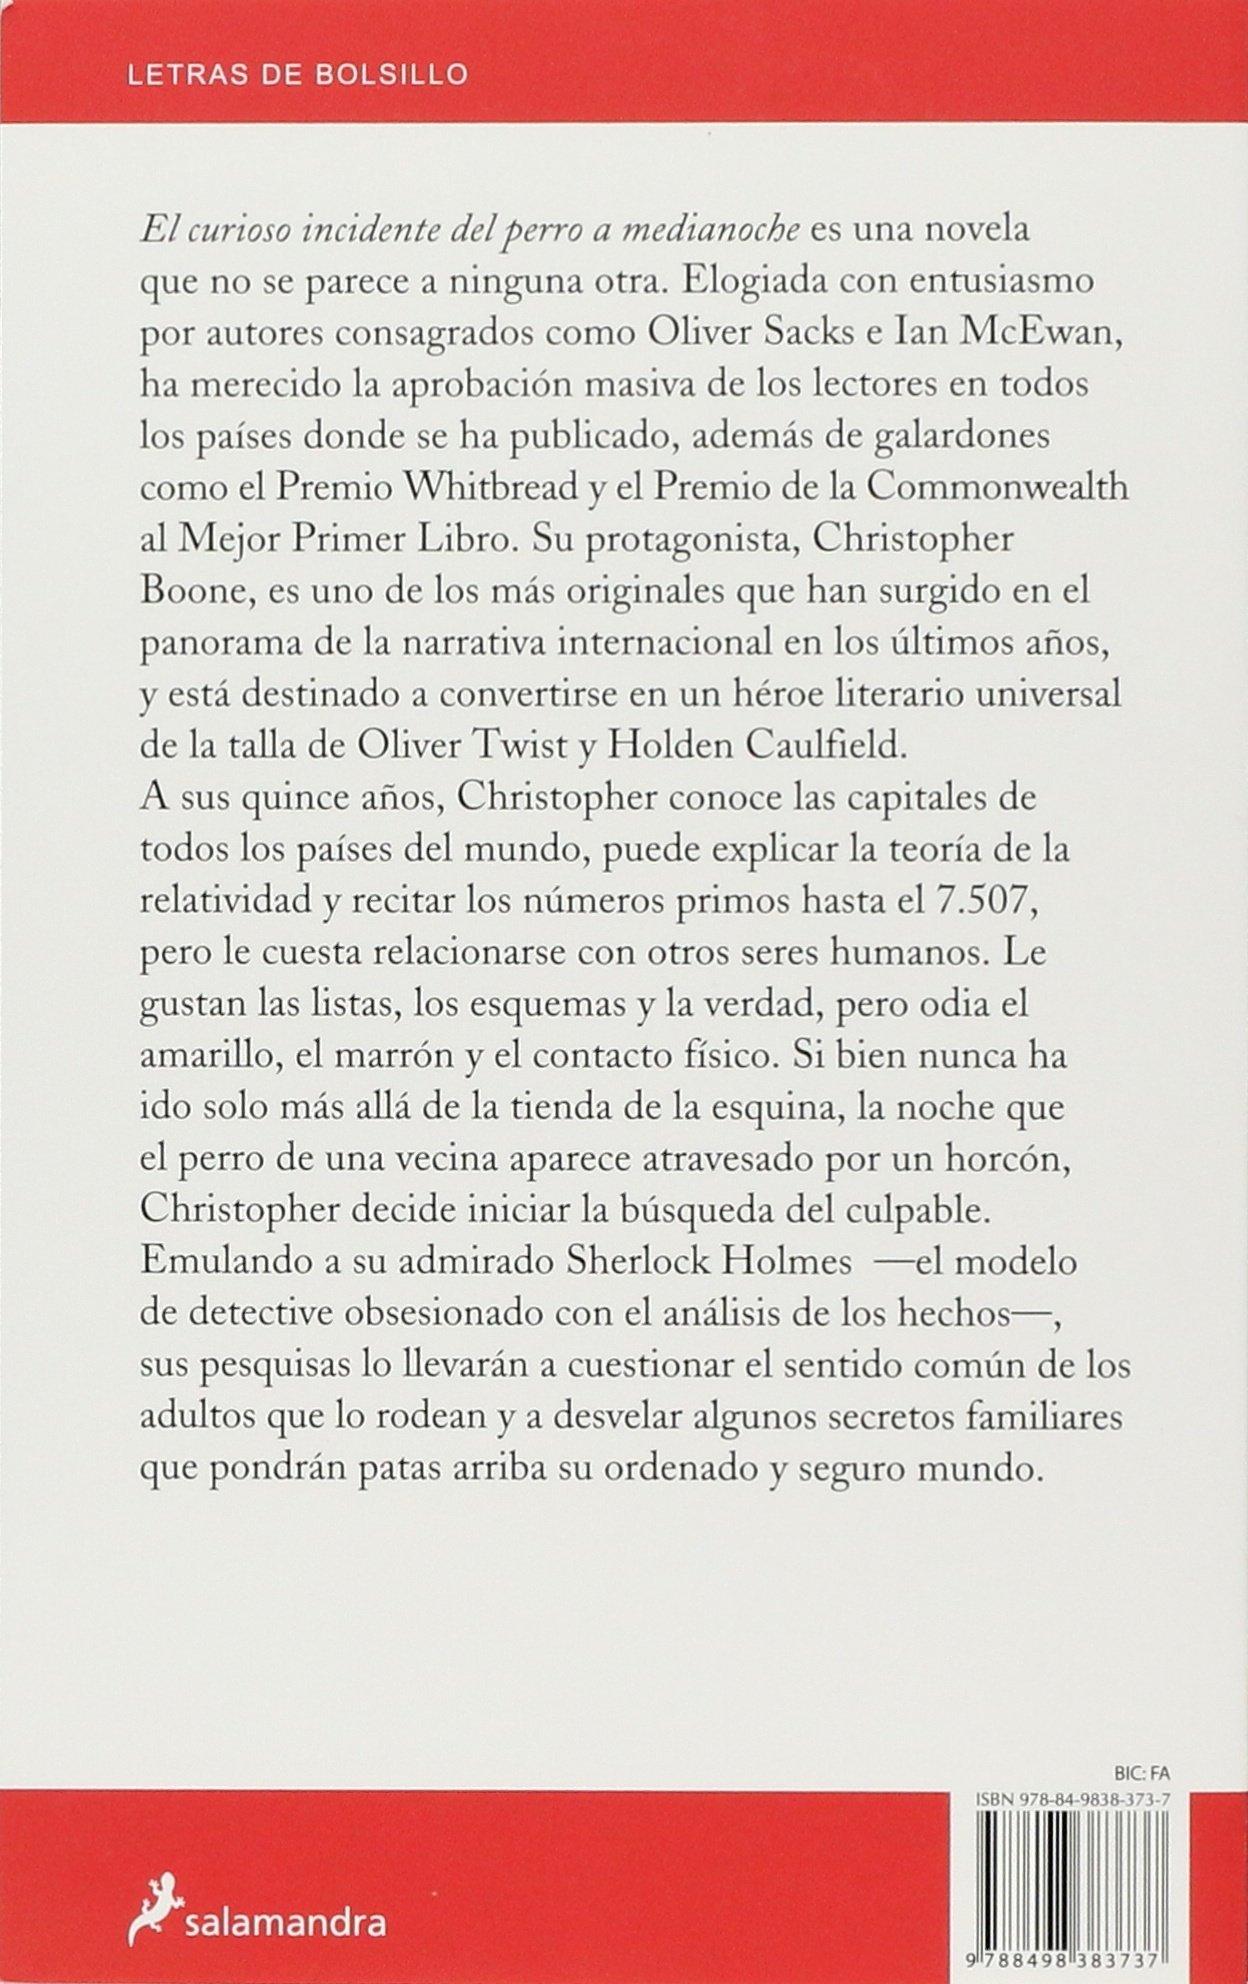 El curioso incidente del perro a medianoche Letras de Bolsillo: Amazon.es:  Mark Haddon: Libros